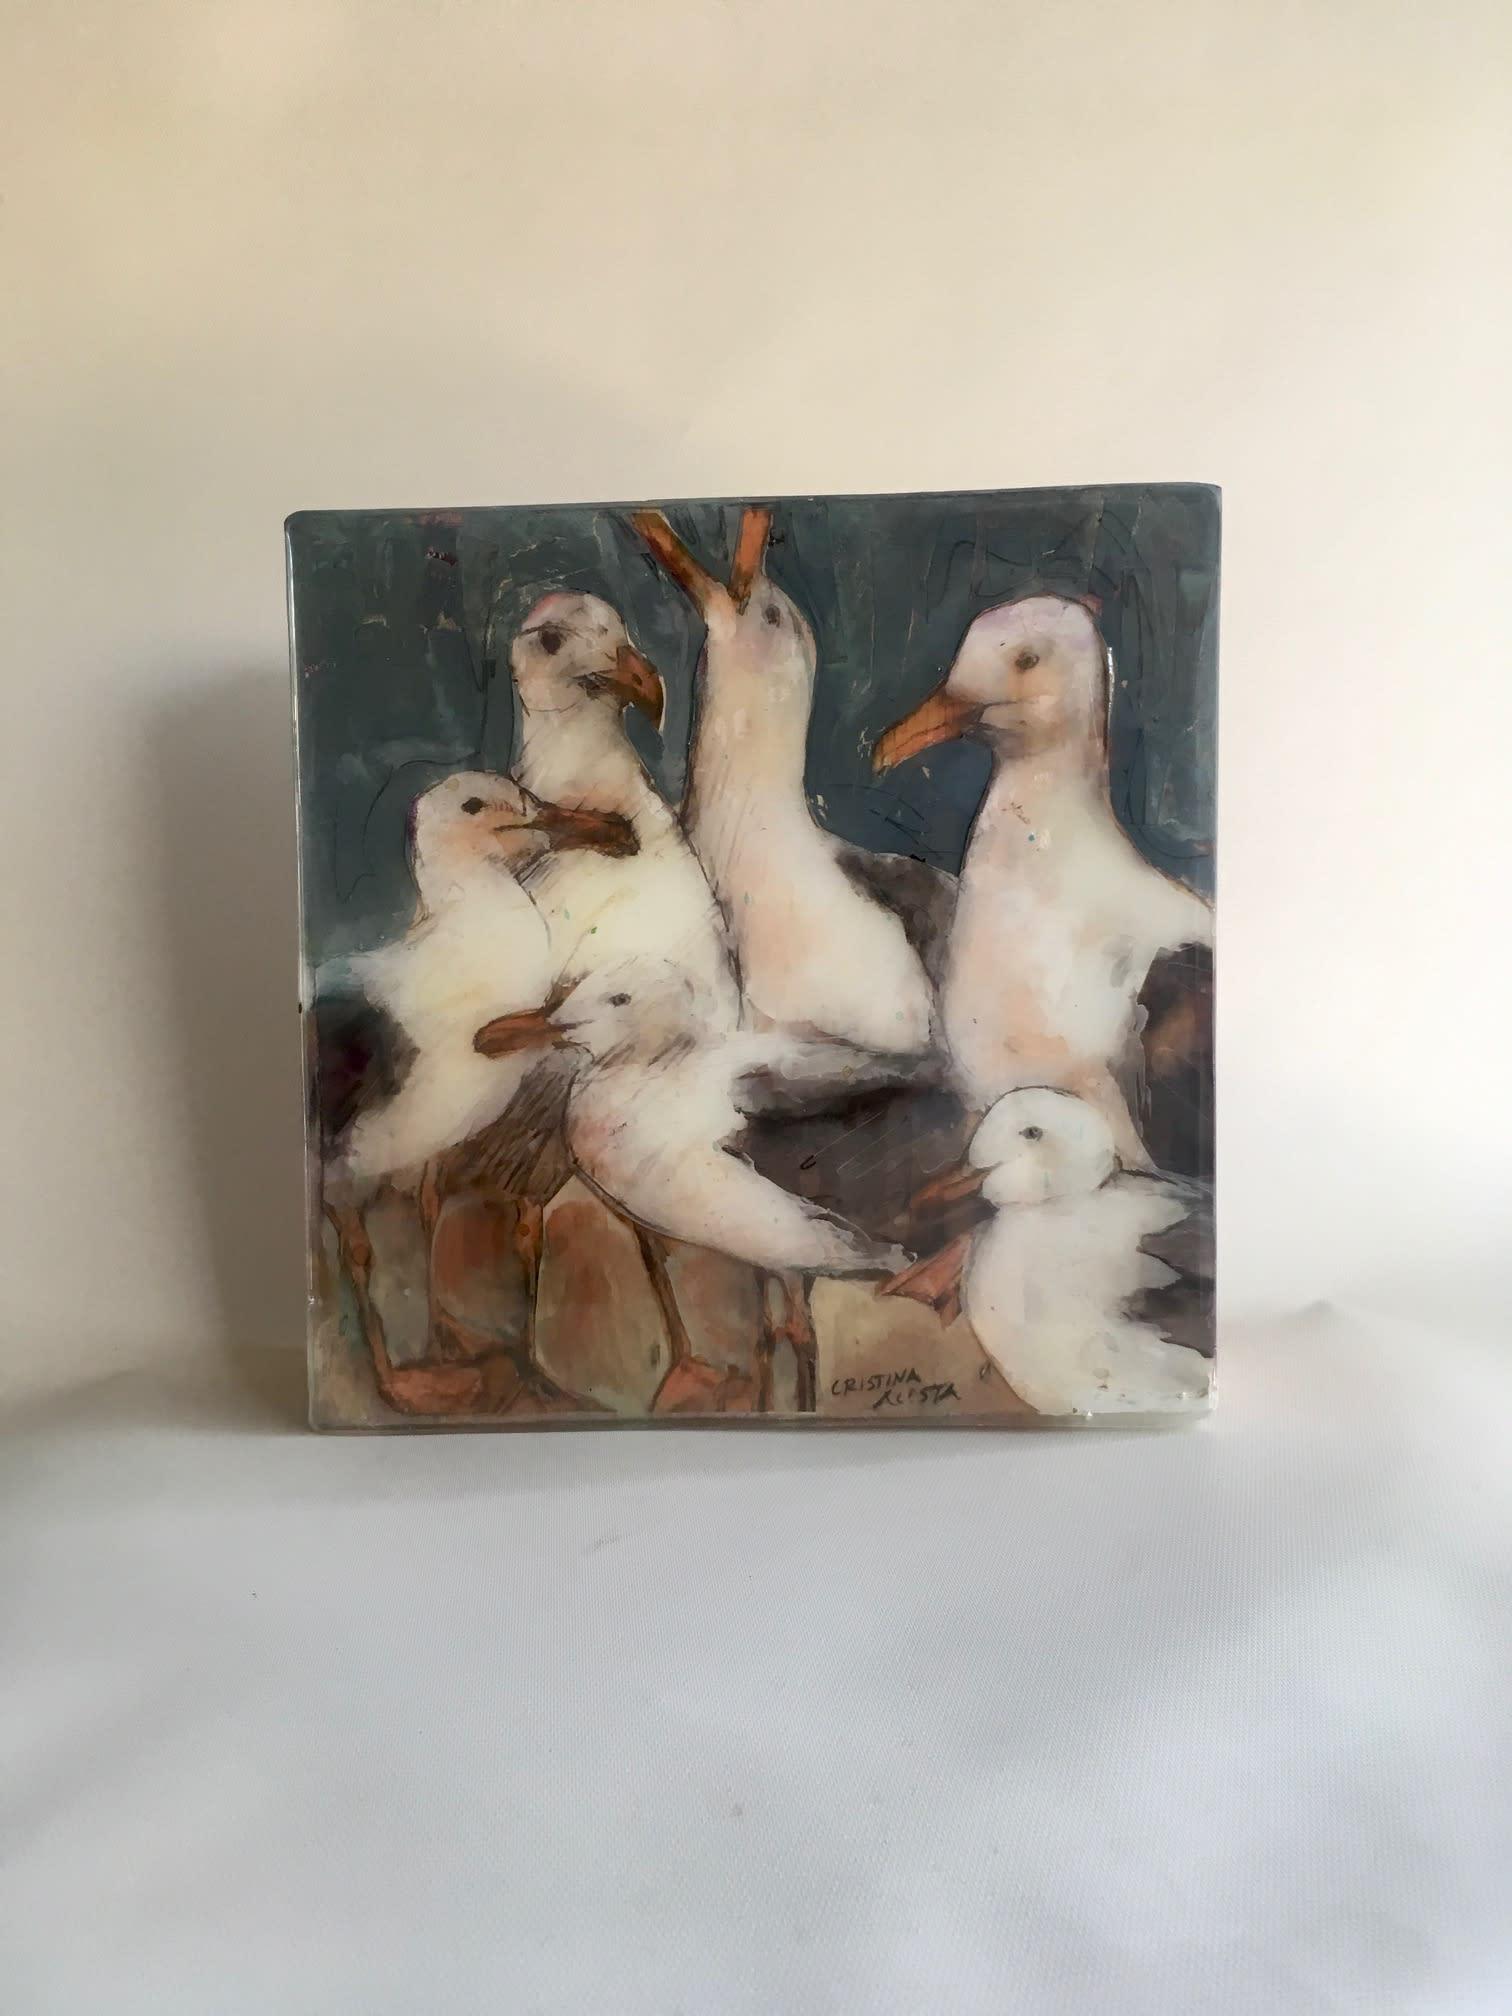 Seagulls 1 tidzcw